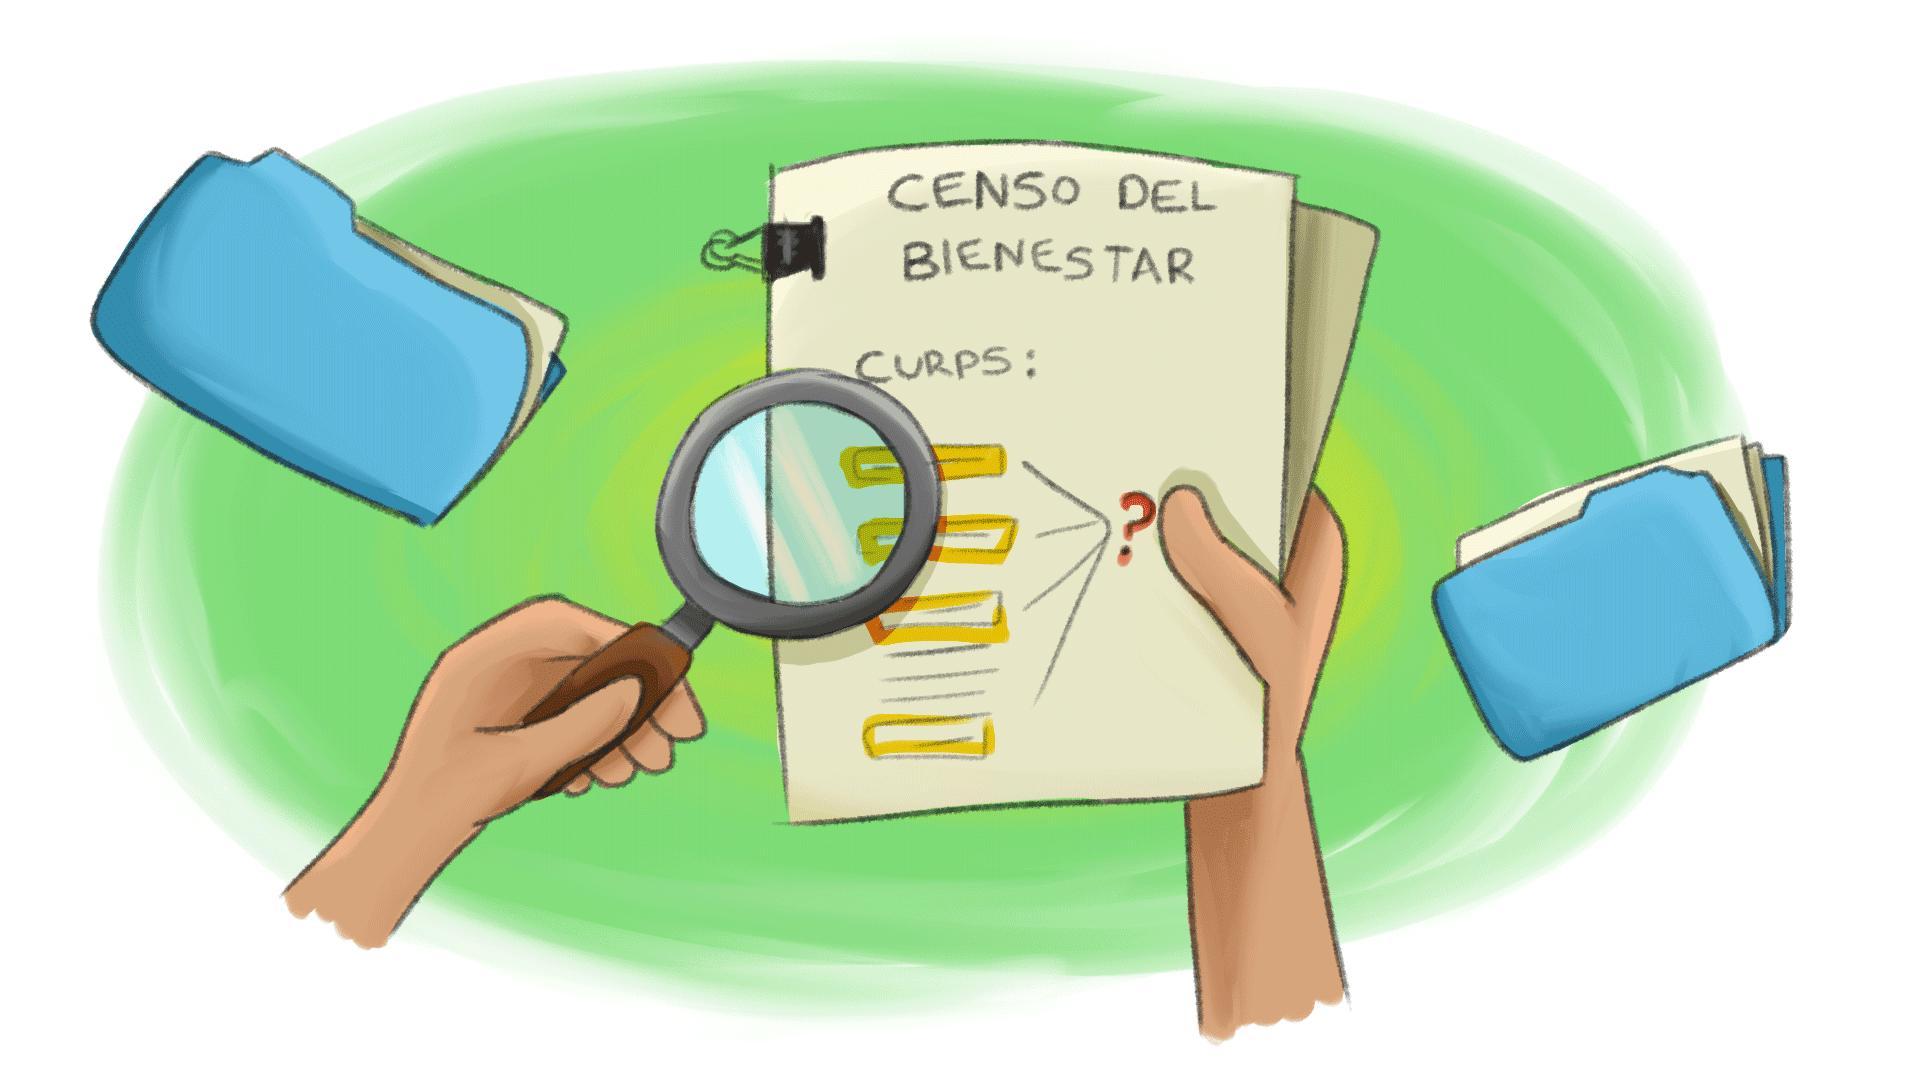 irregularidades en el censo de bienestar